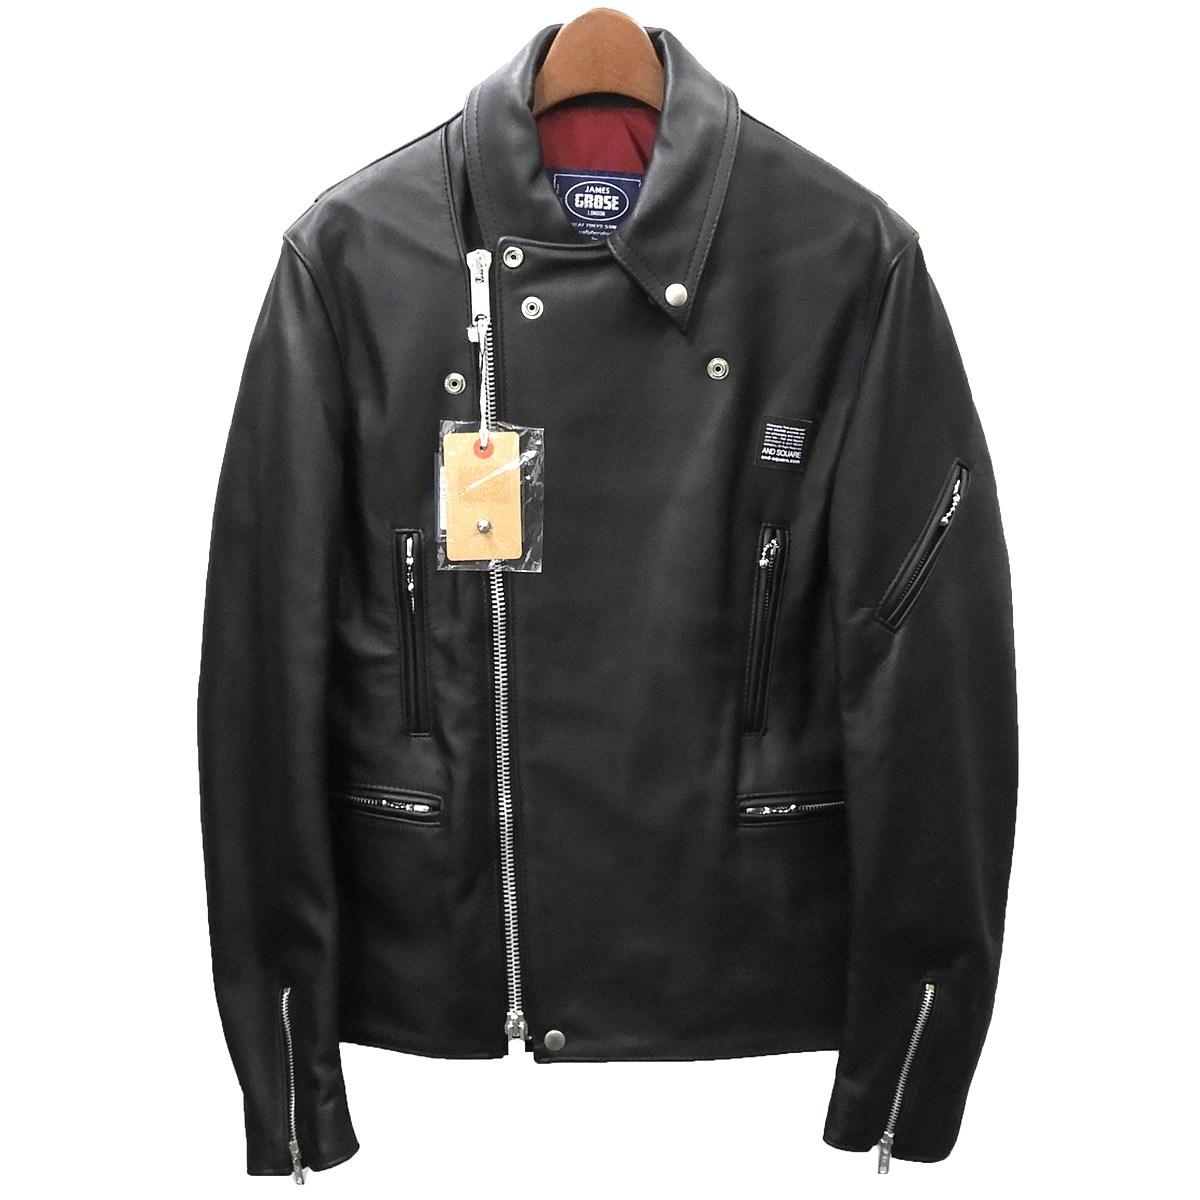 【中古】JAMES GROSEライダースジャケット ブラック サイズ:38 【4月16日見直し】